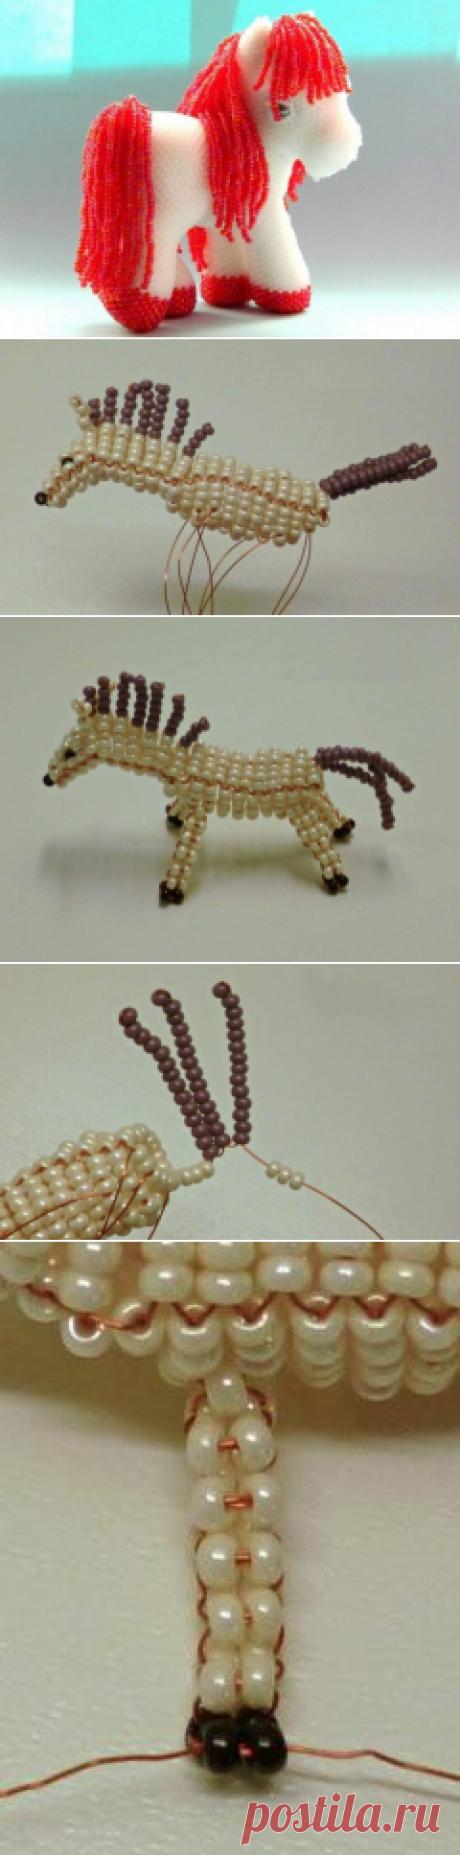 Лошадь из бисера: методика плетения с фото | Domigolki.ru